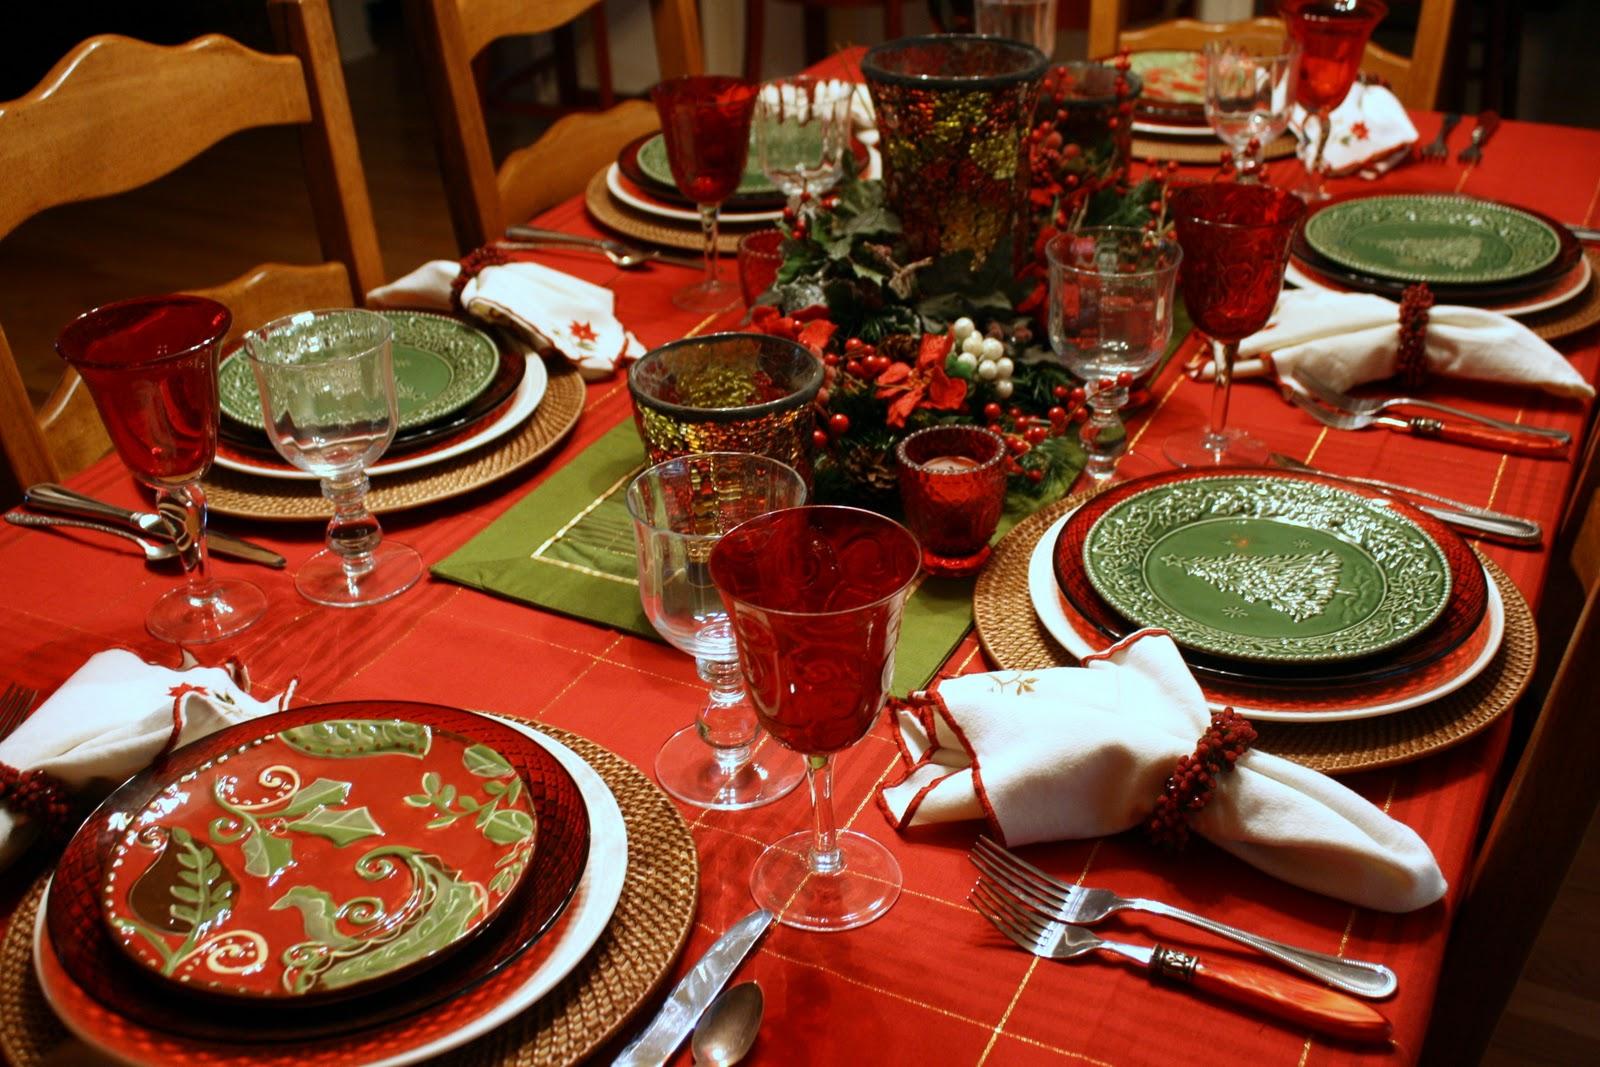 Kirmizi yesil yemek takimi modeli Yılbaşı Ve Kırmızı! 26